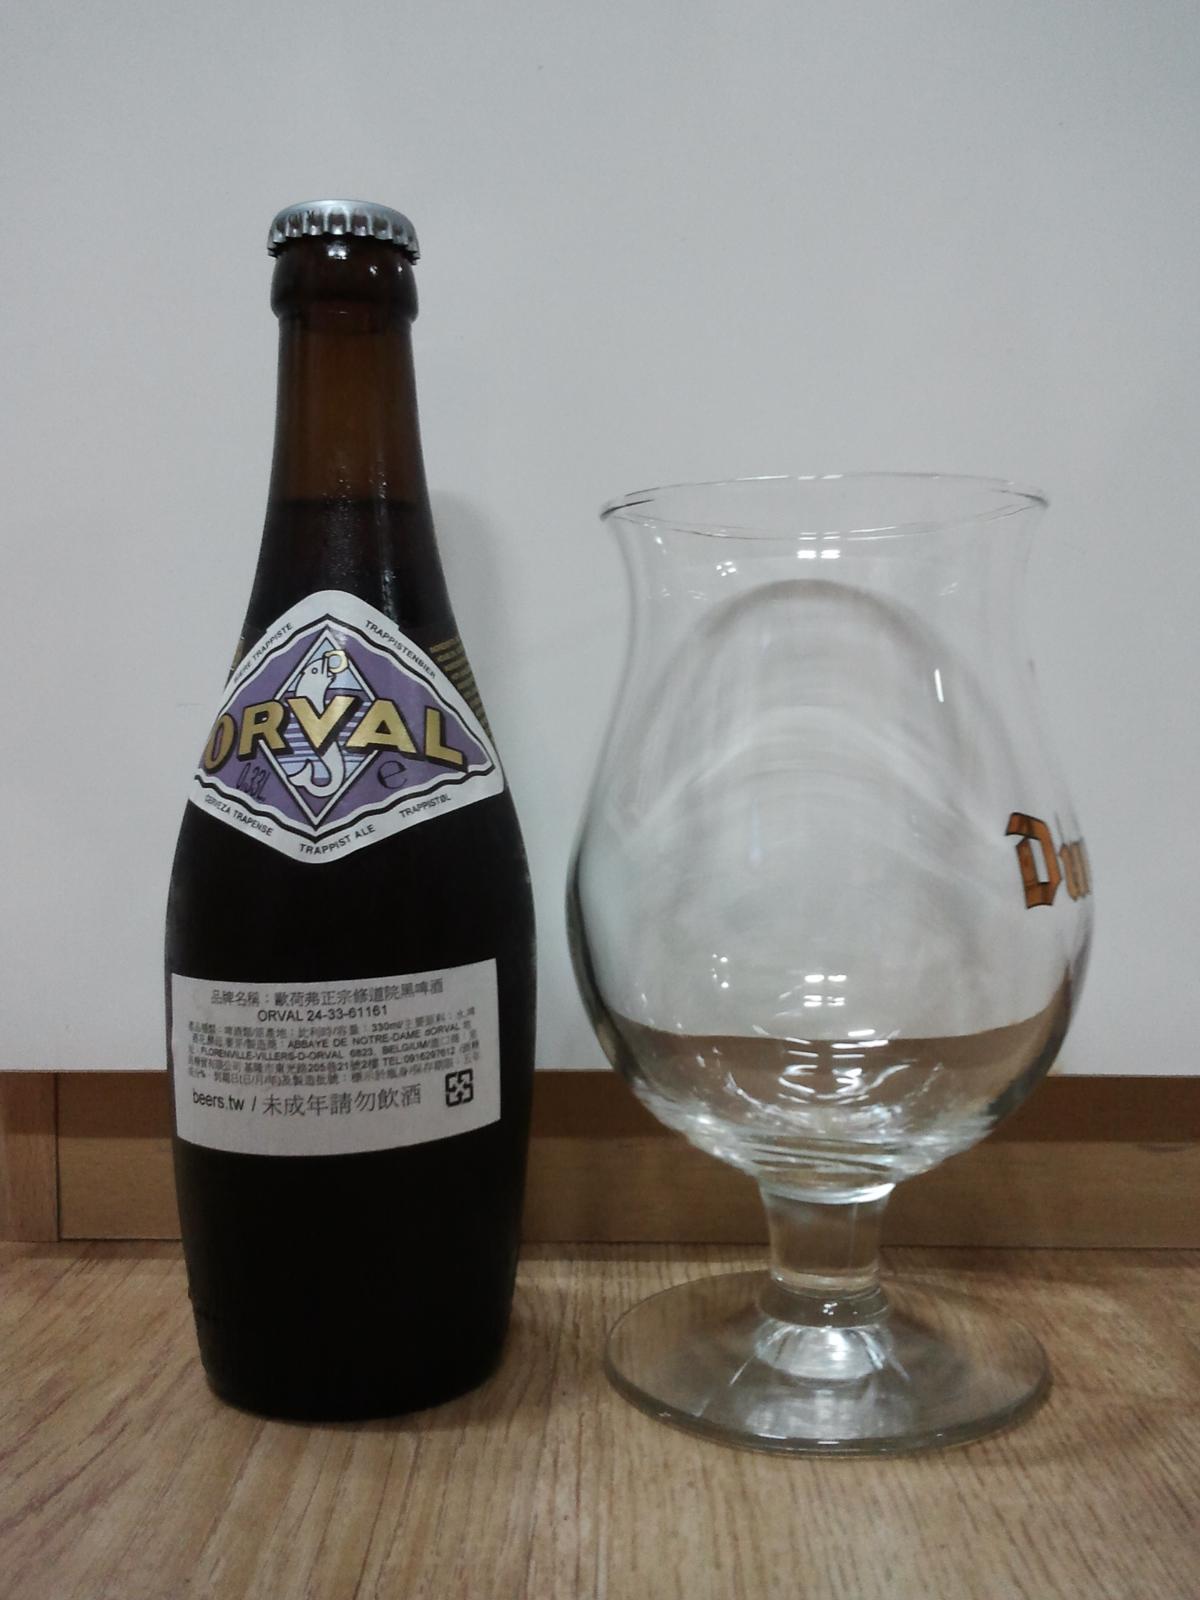 [벨기에] Orval(오르발) 새콤한 향 강하게 올라..